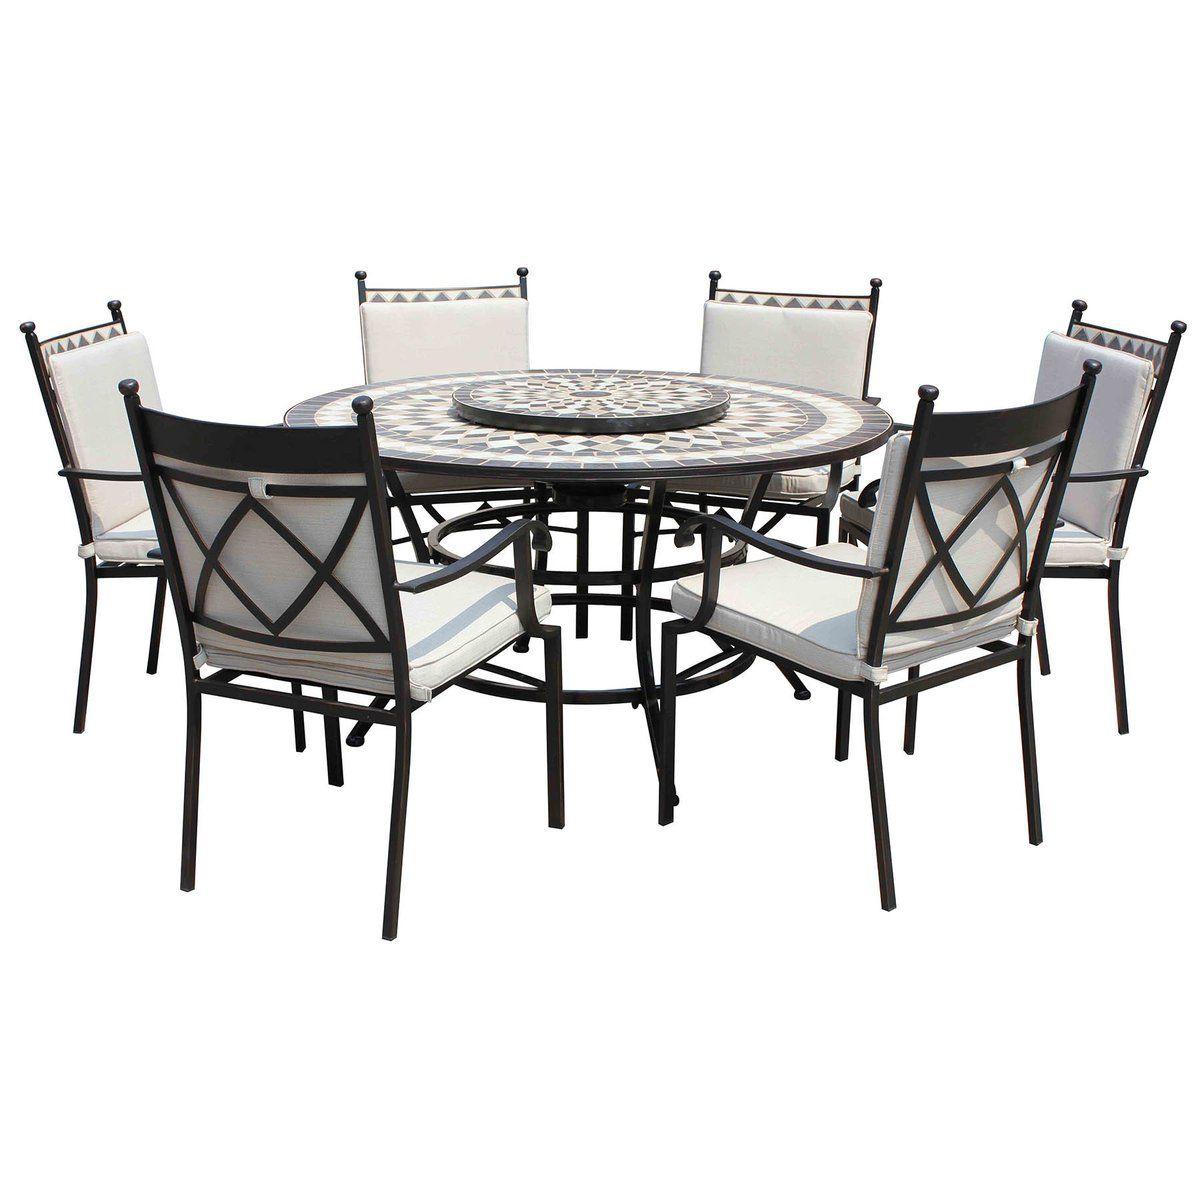 Leisuregrow Casablanca Metal Ceramic 135cm Round 6 Seater Firepit Dining Garden Furniture Set With Beig Garden Furniture Sets Outdoor Fire Pit Fire Pit Seating